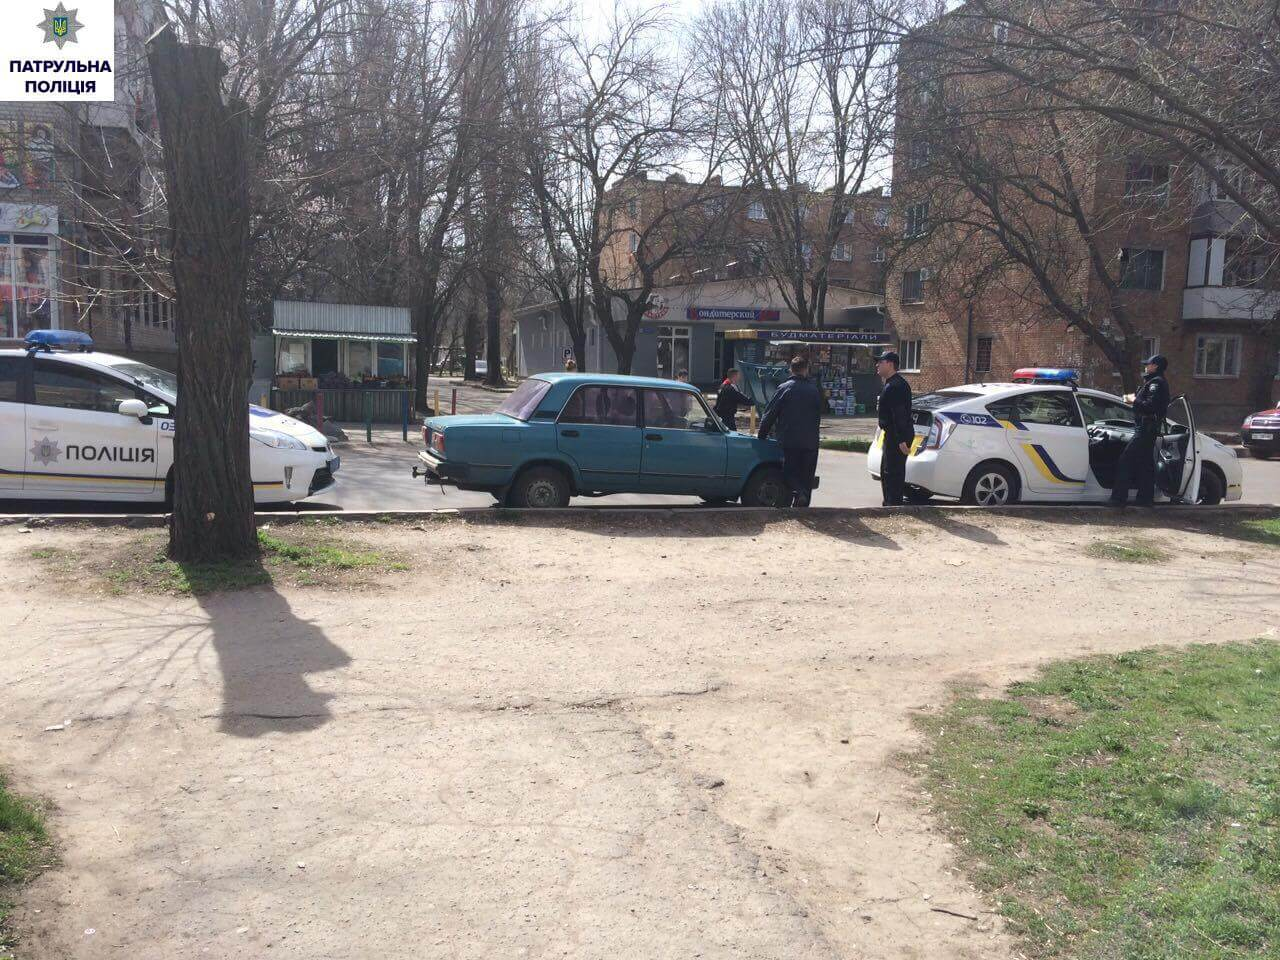 В Украине найдено авто, угнанное 19 лет назад 1